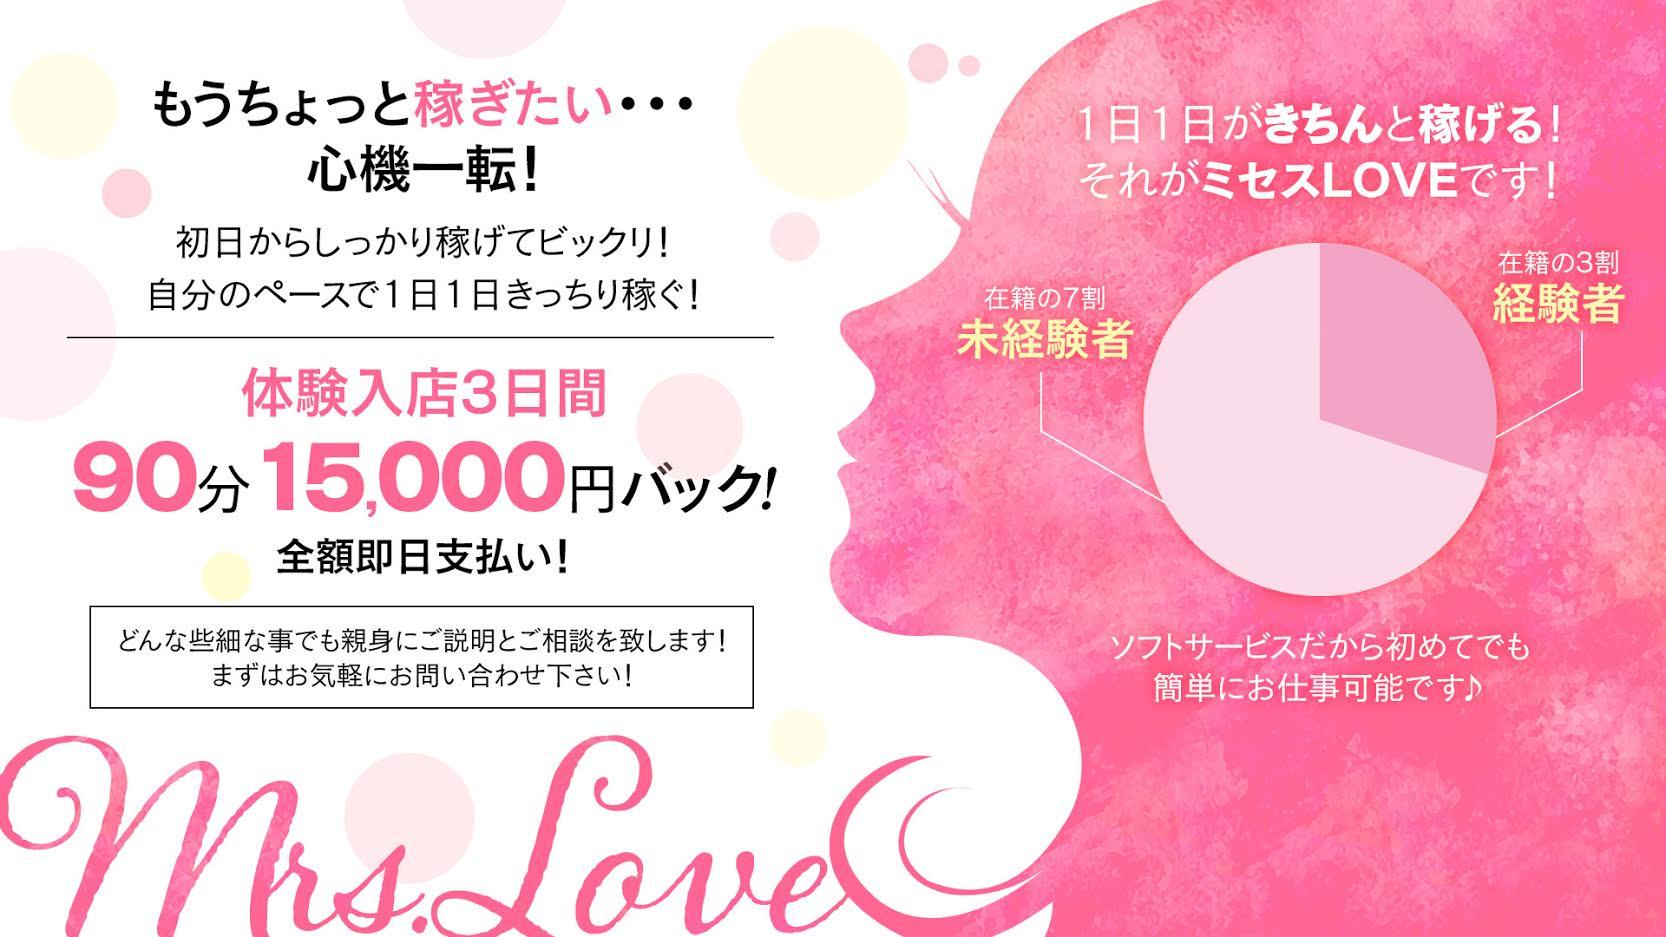 ミセスLove高崎店(高崎)のデリヘル求人・高収入バイトPR画像1